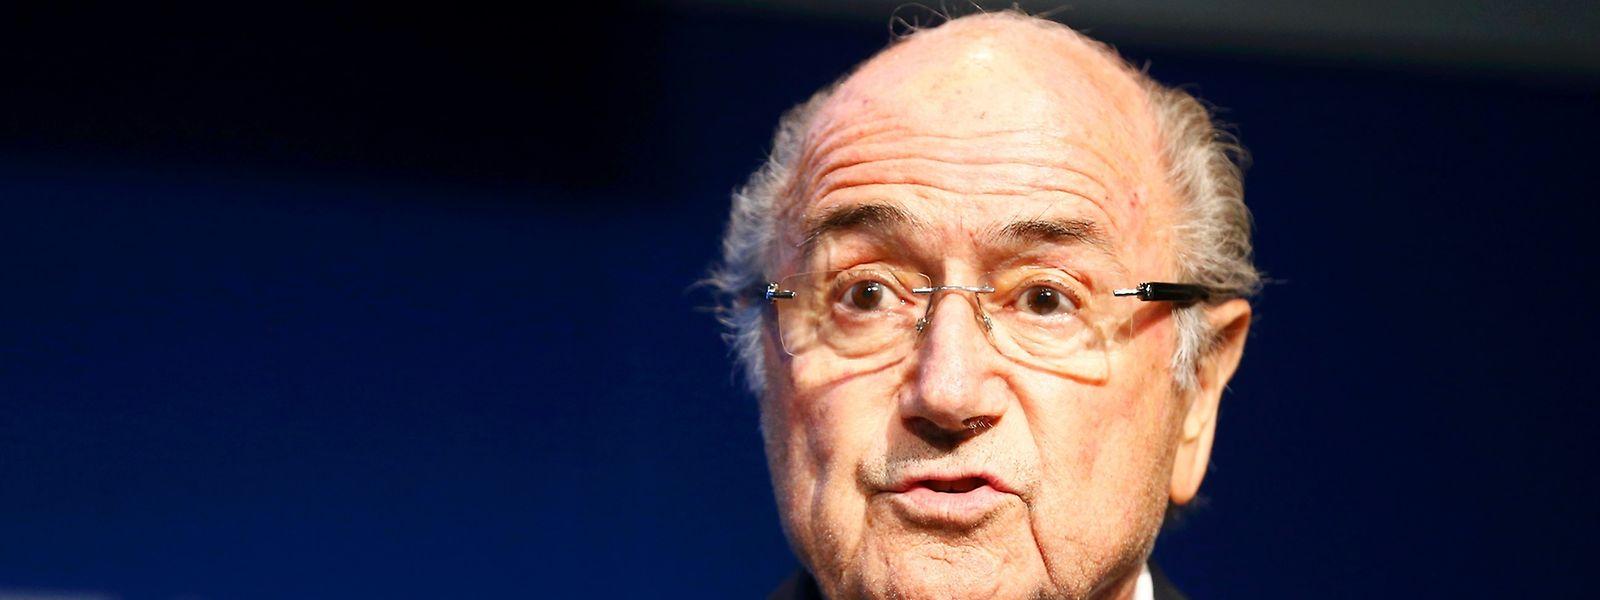 São exigidas explicações a Joseph Blatter